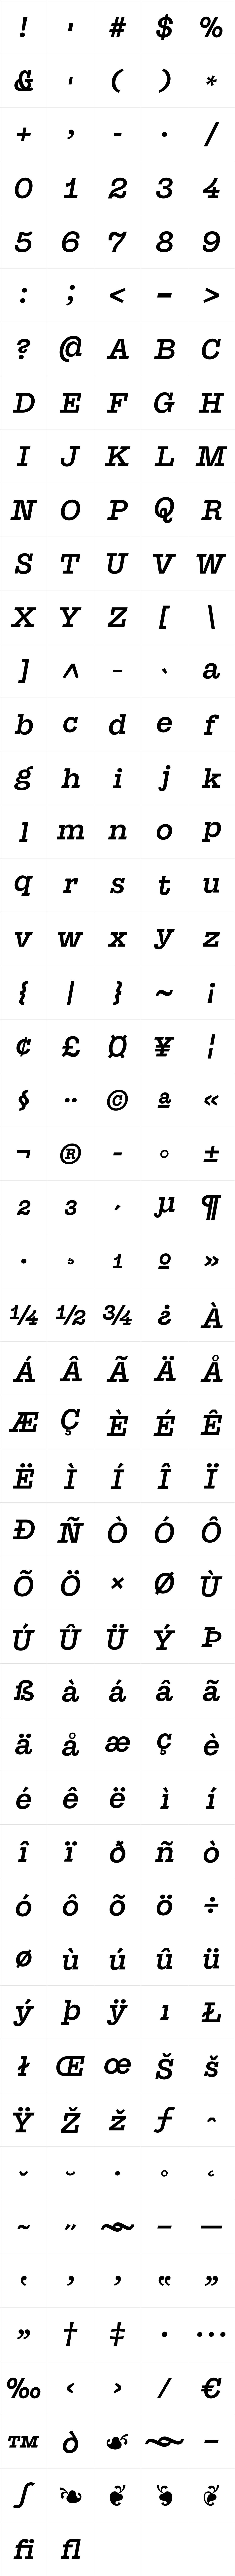 Suomi Slab Serif Medium Italic